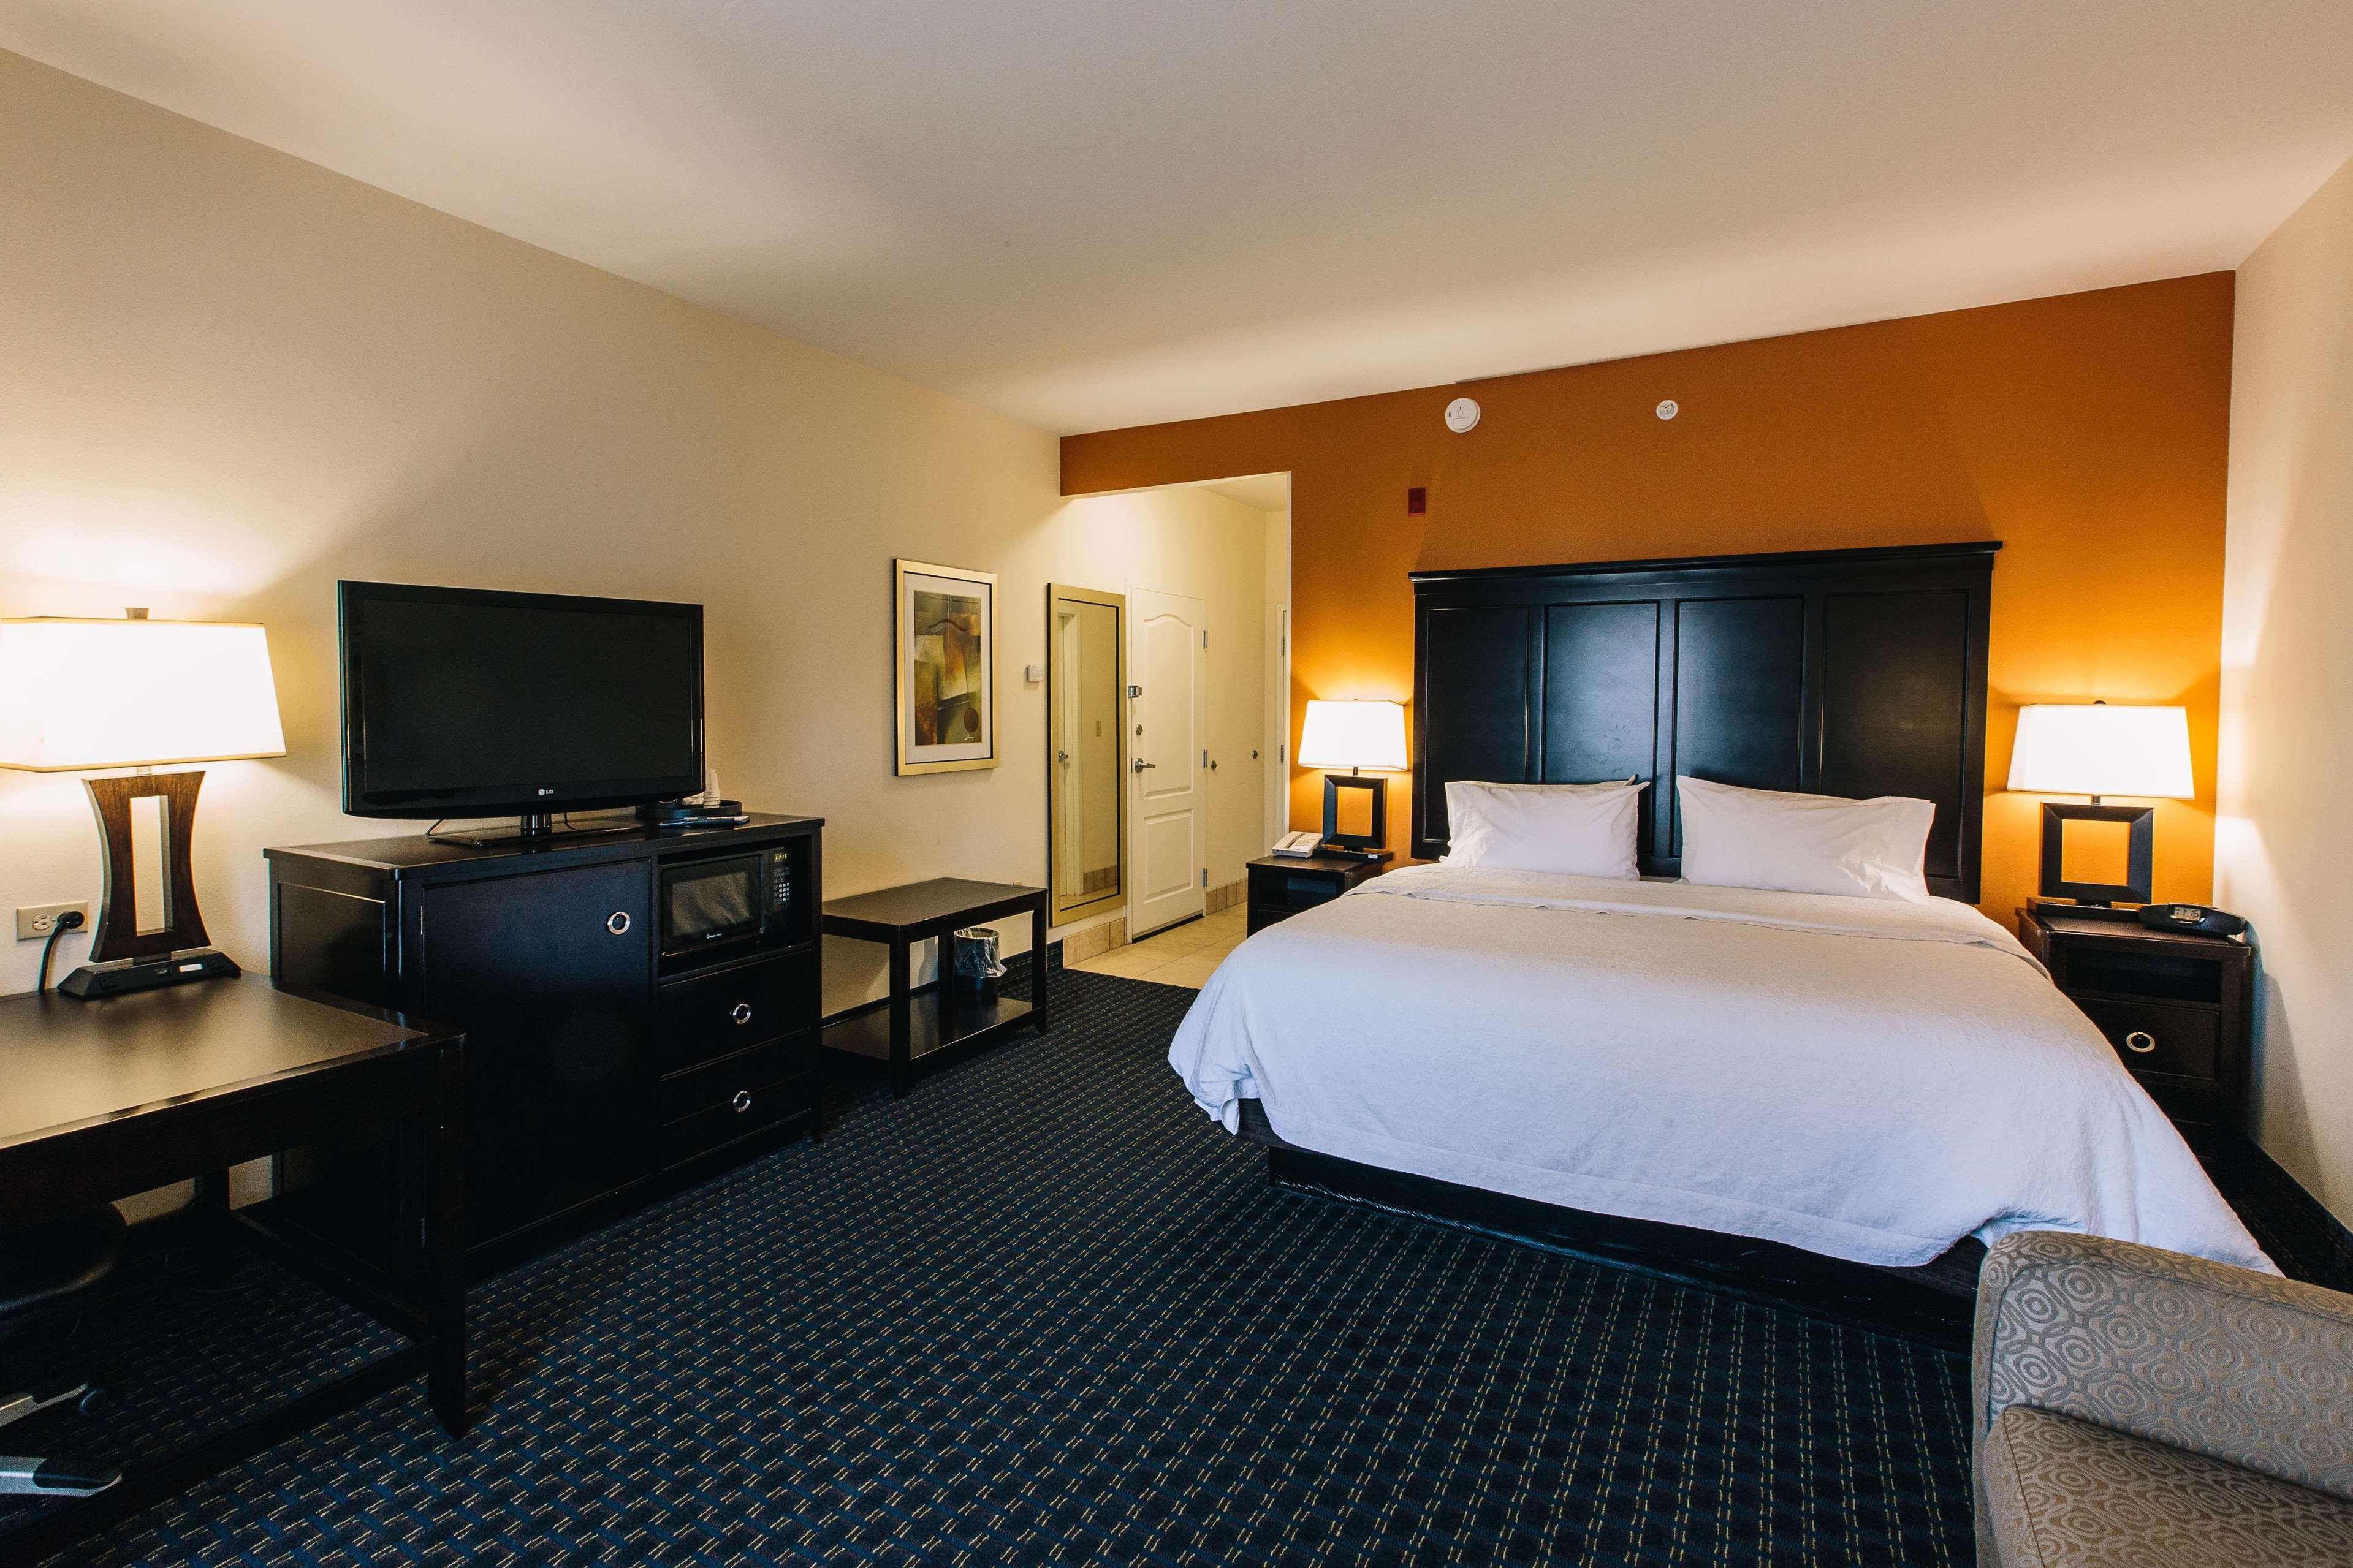 Hampton Inn Suites Effingham Il